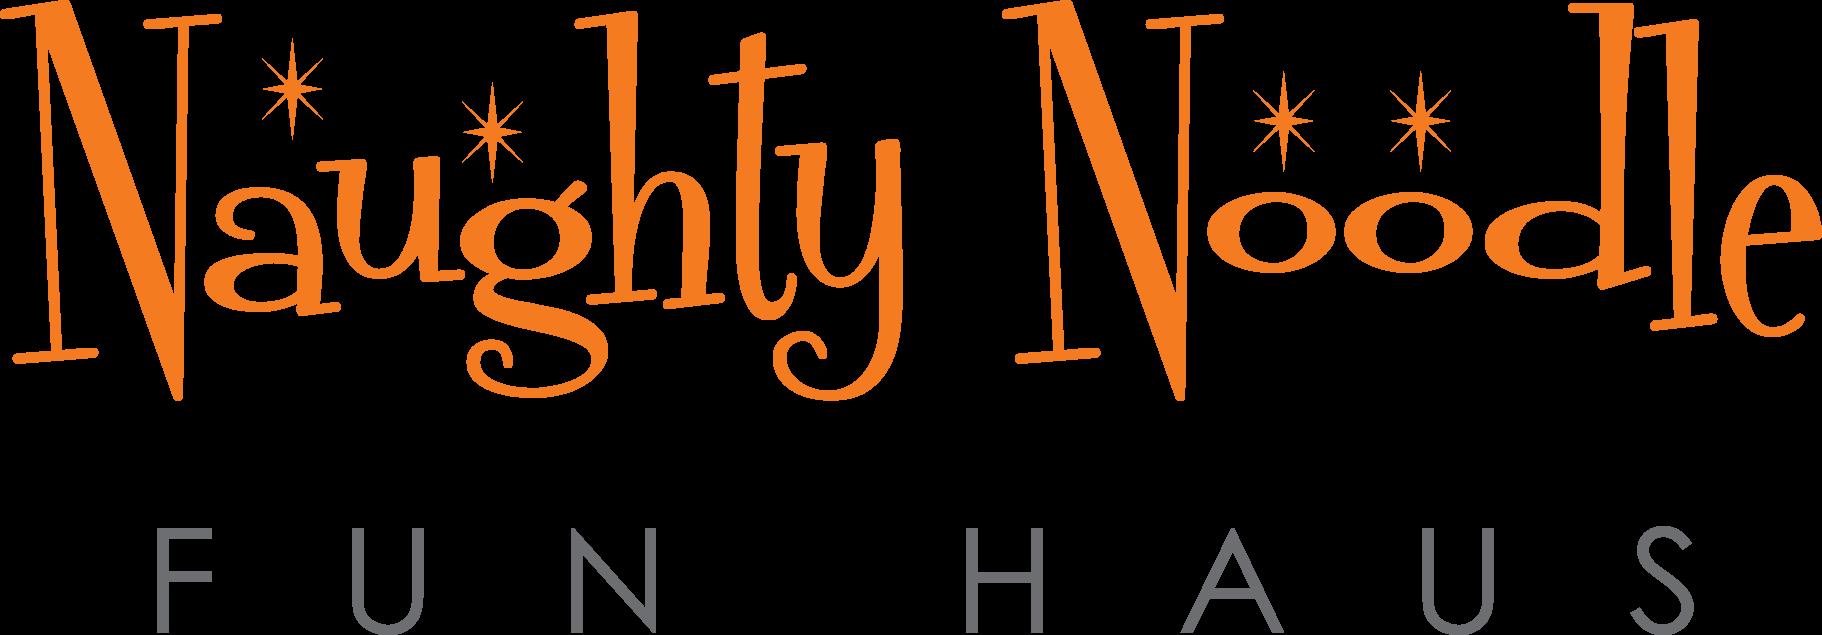 NAUGHTY NOODLE FUNHAUS_logos_FA